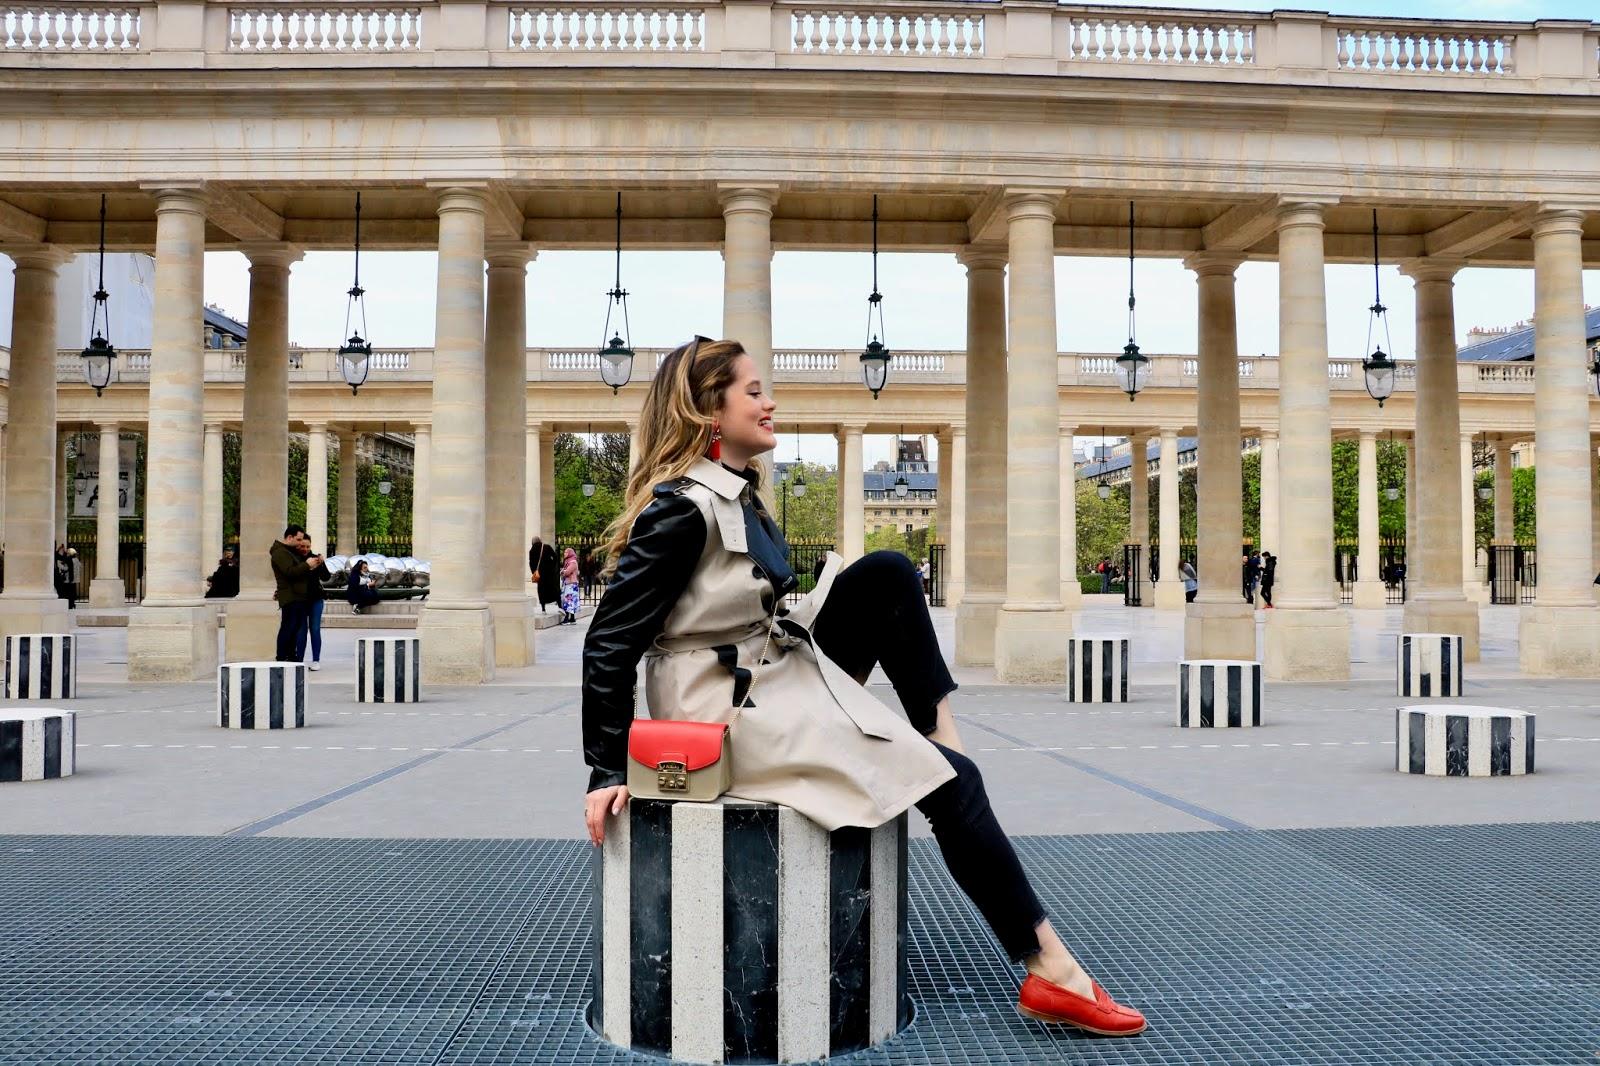 Paris Le Palais Royal blogger pics